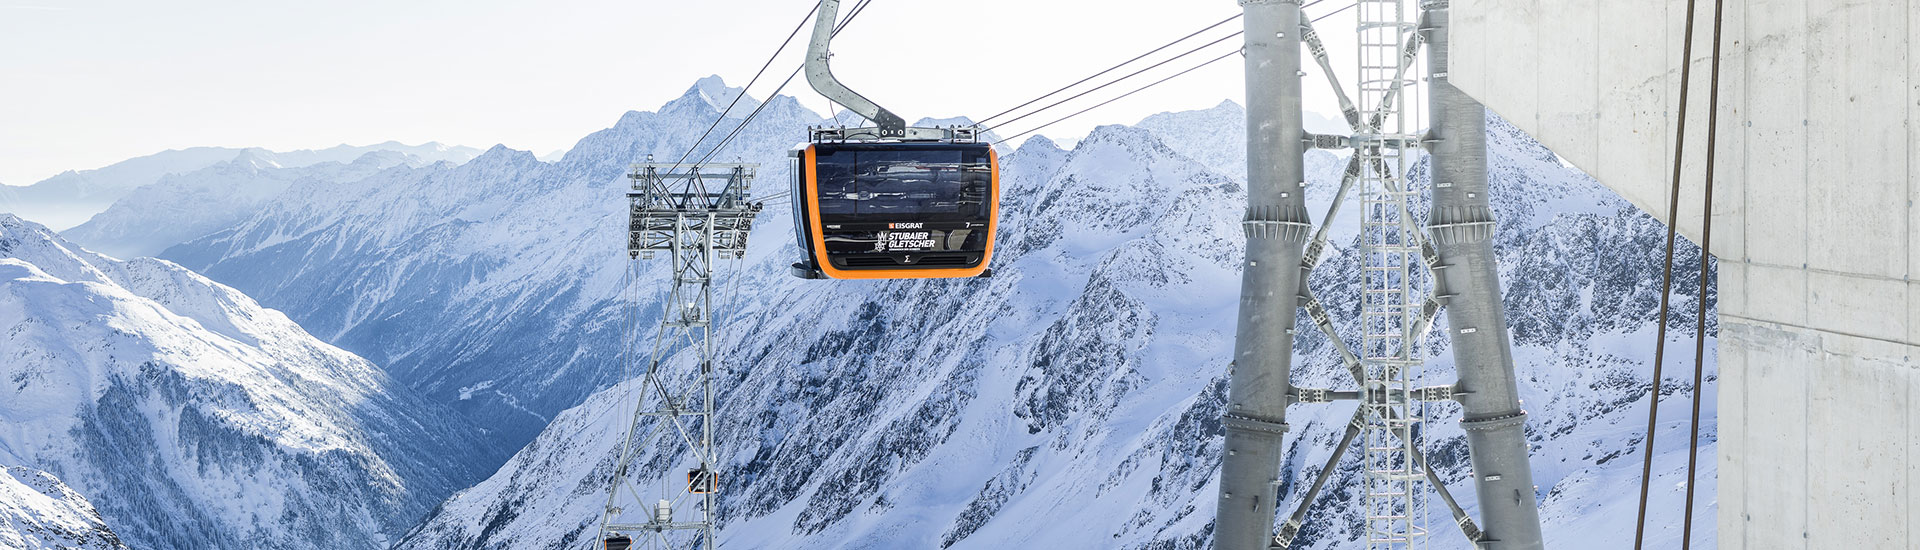 Sonntagsfahrer spezial alpenhotel fernau for Design hotel stubaital